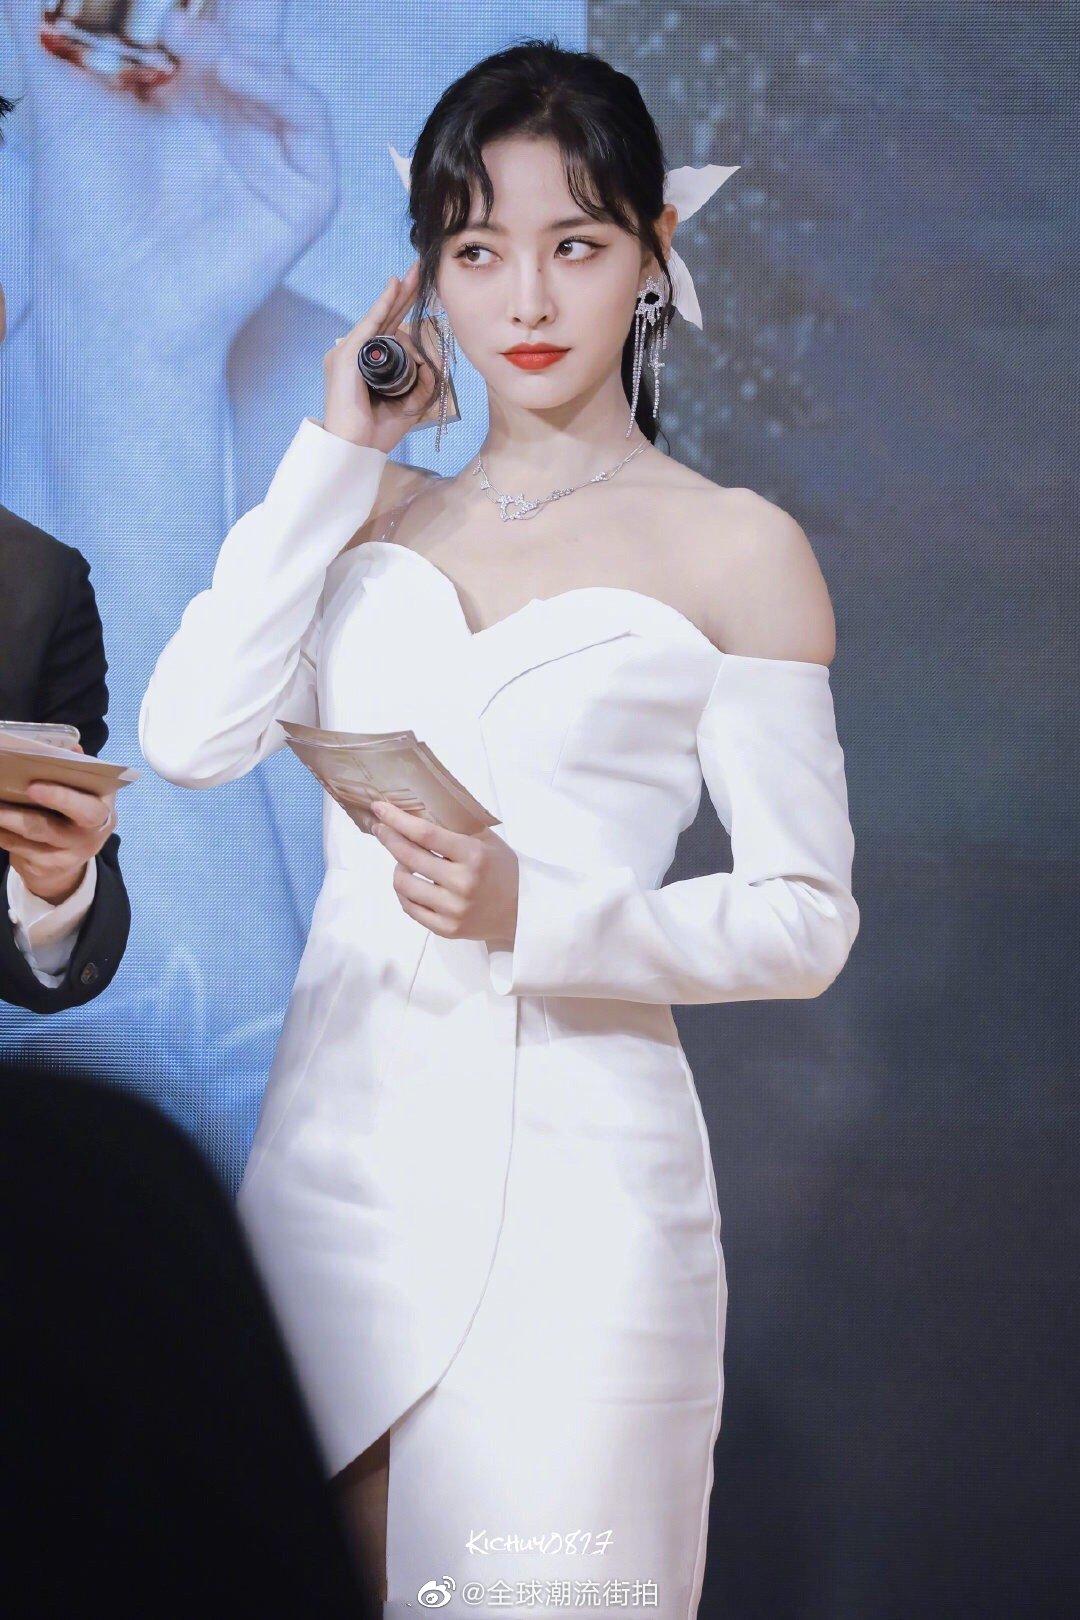 许佳琪   出席雪花秀活动造型解析身穿白色抹胸不规则礼服裙佩戴钻